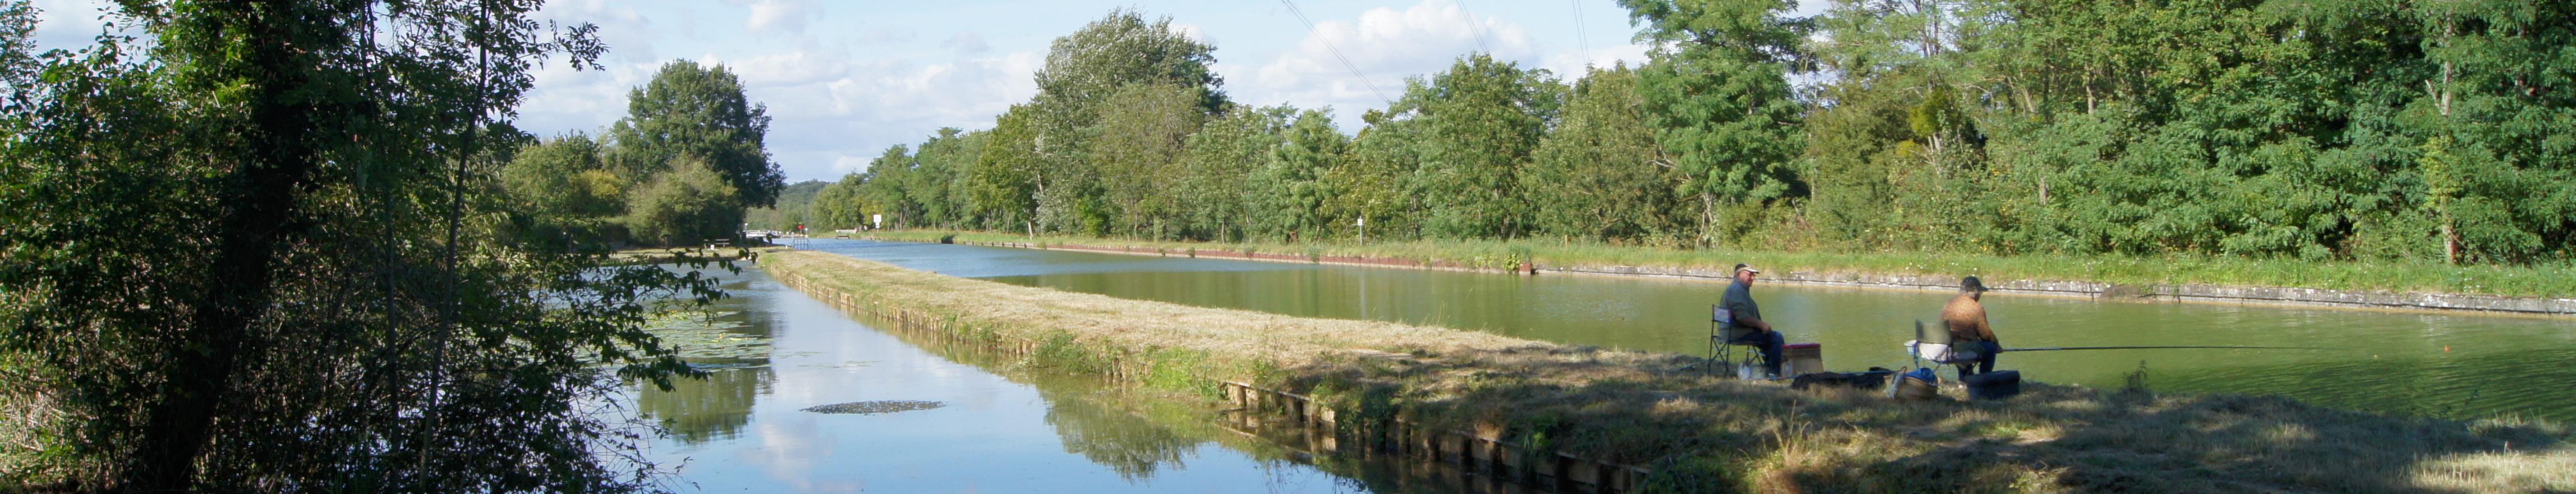 Pêcheurs sur le canal